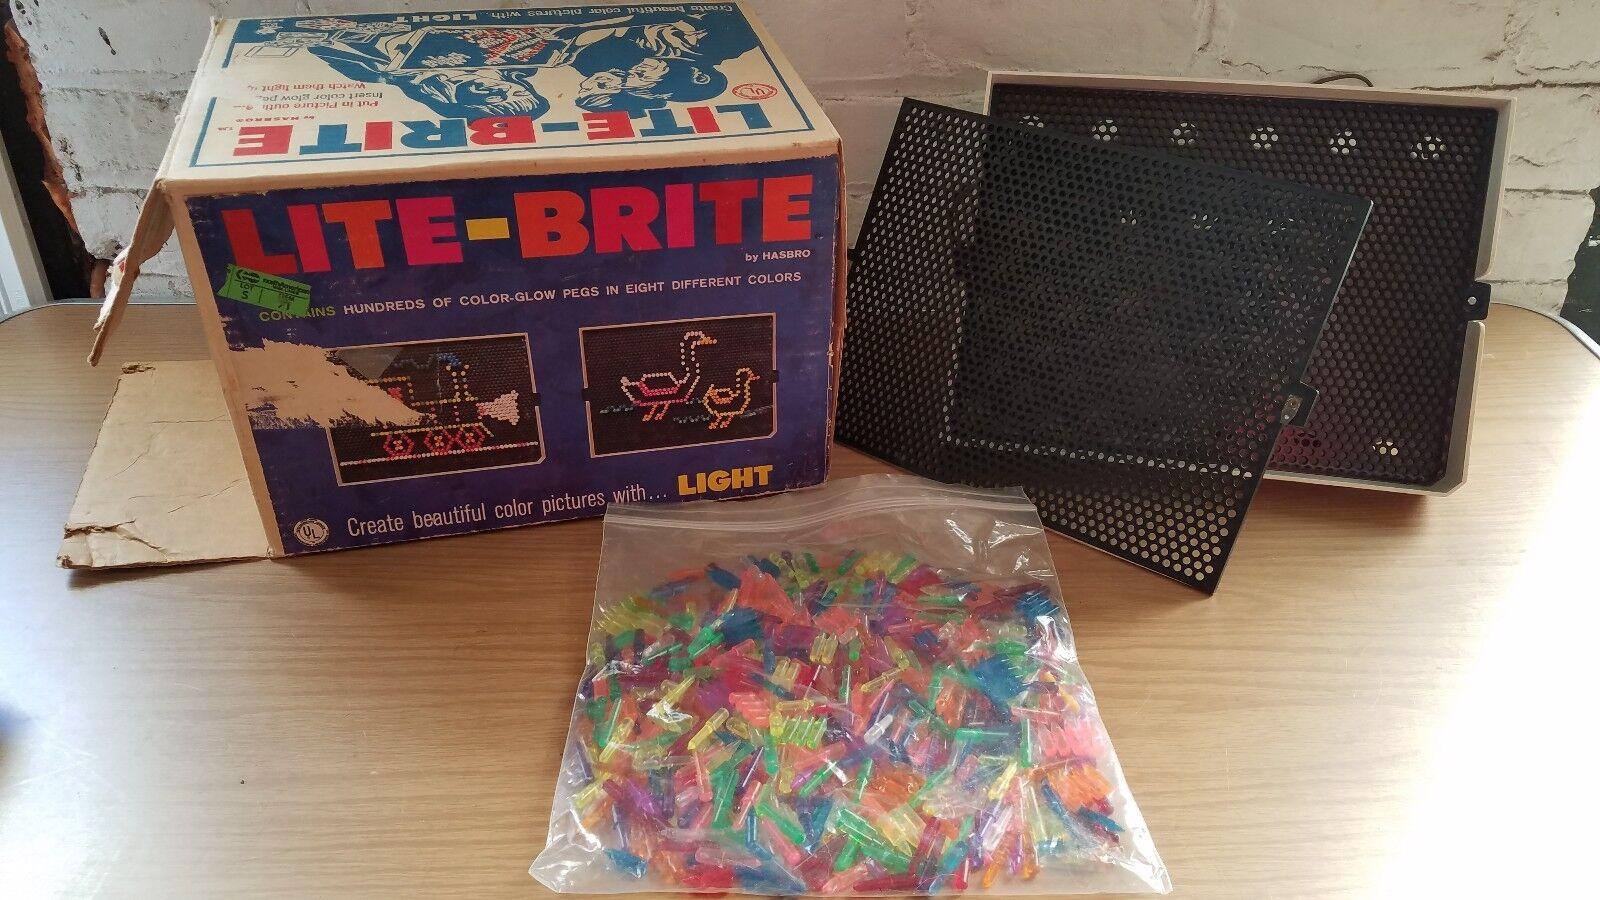 Jahrgang 1967 lite brite hasbro spielzeug 1 fotos funktioniert noch original - box